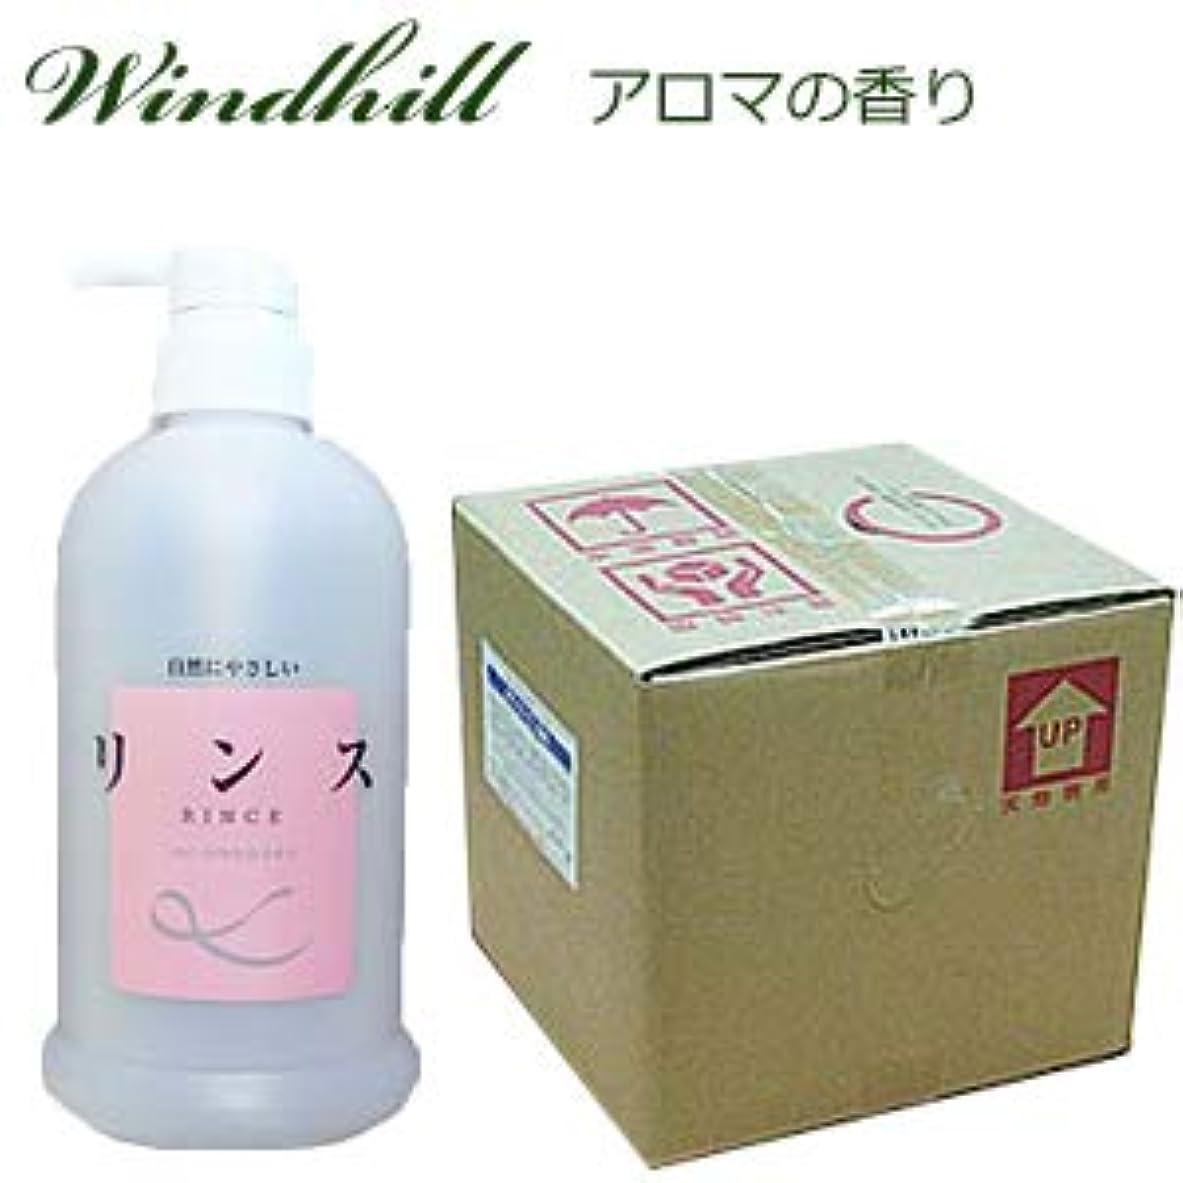 漏れしゃがむ移行するなんと! 500ml当り188円 Windhill 植物性業務用 リンス 紅茶を思うアロマの香り 20L